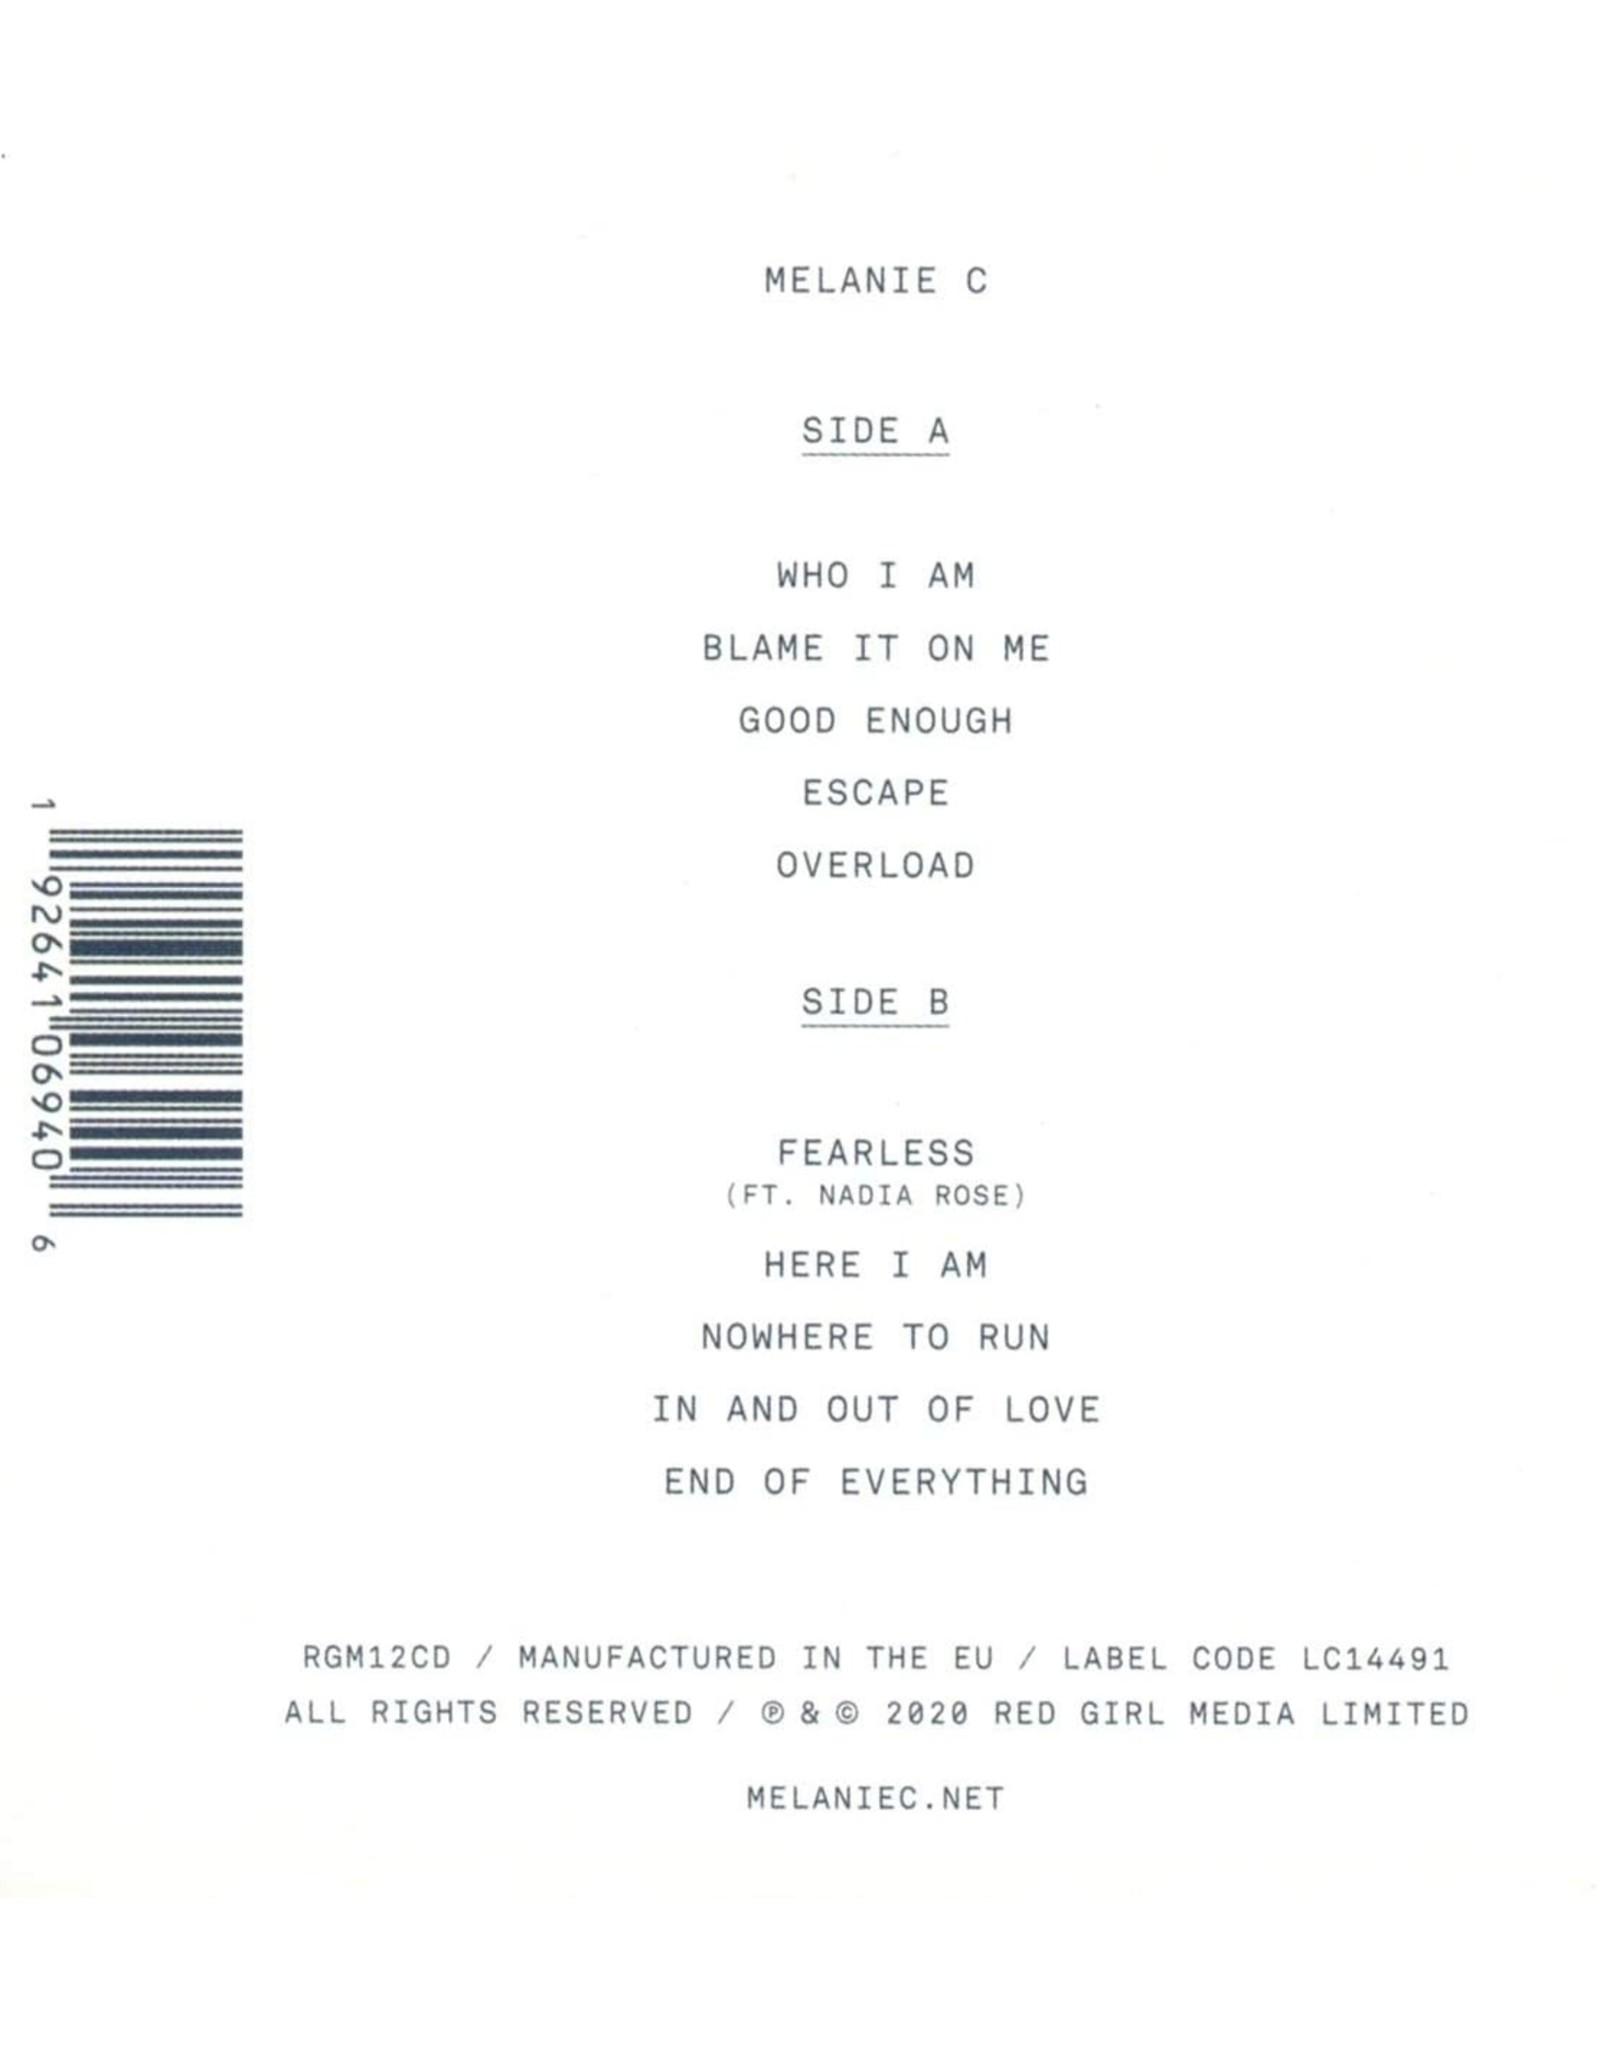 Melanie C - Melanie C